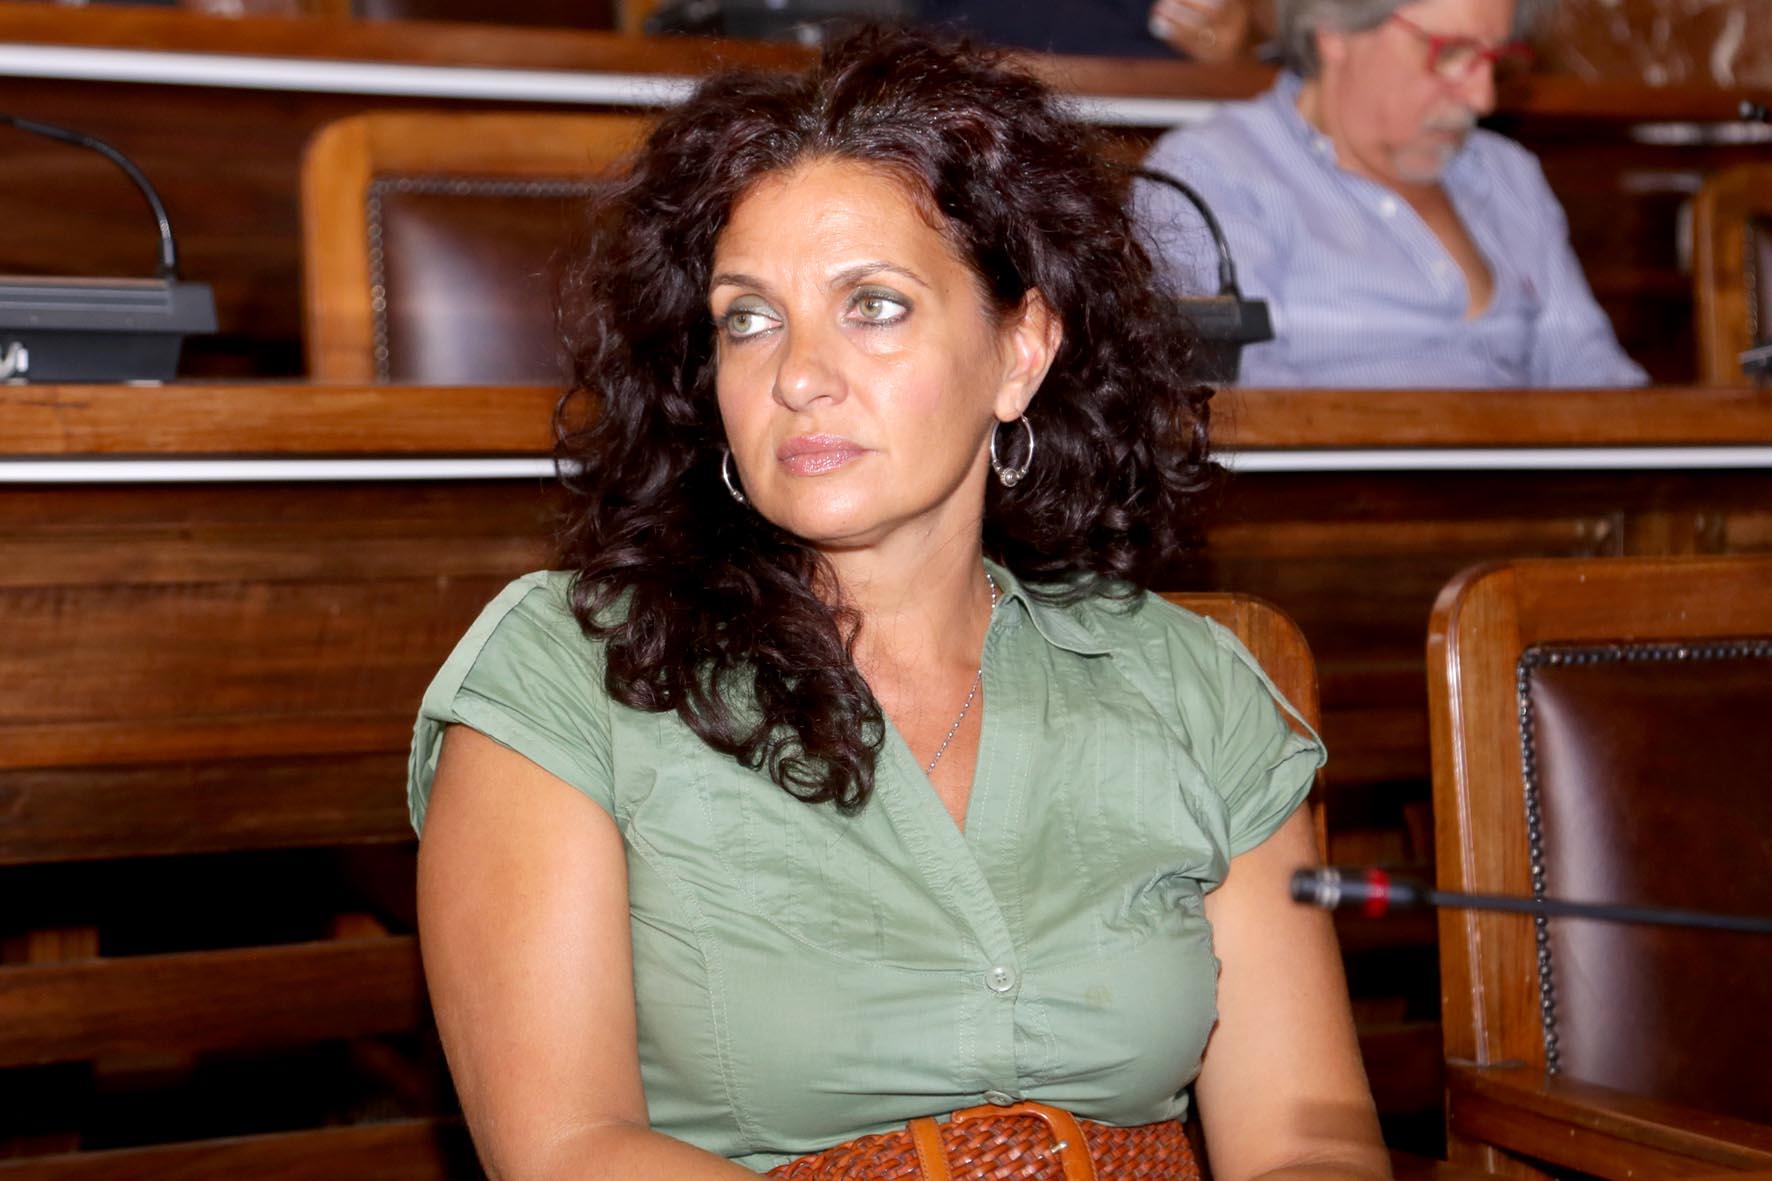 Saitta presenta il quinto assessore: a sorpresa ecco Lucy Fenech - Messina  Oggi